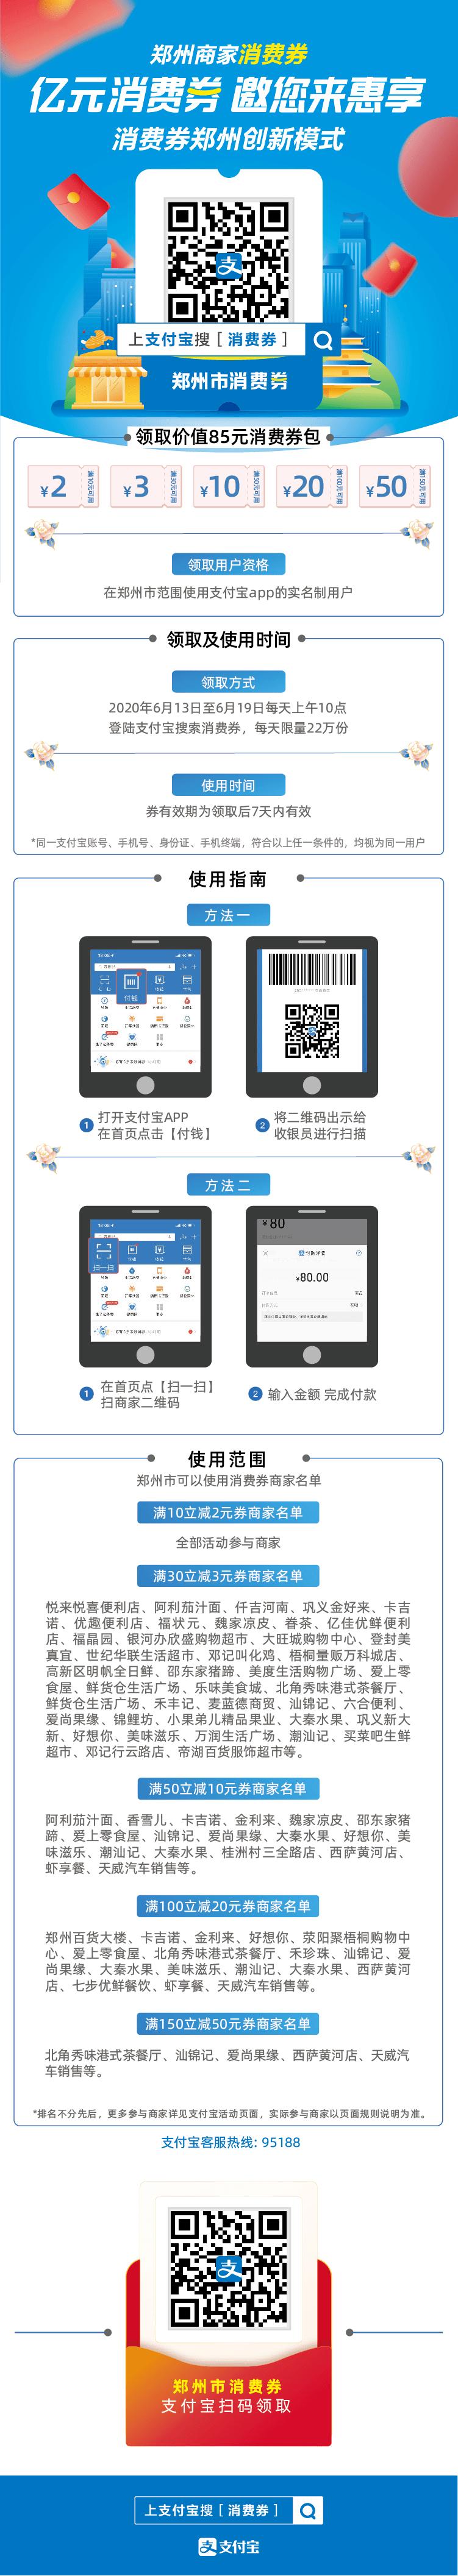 郑州市消费券可以用在哪里 什么时候发放